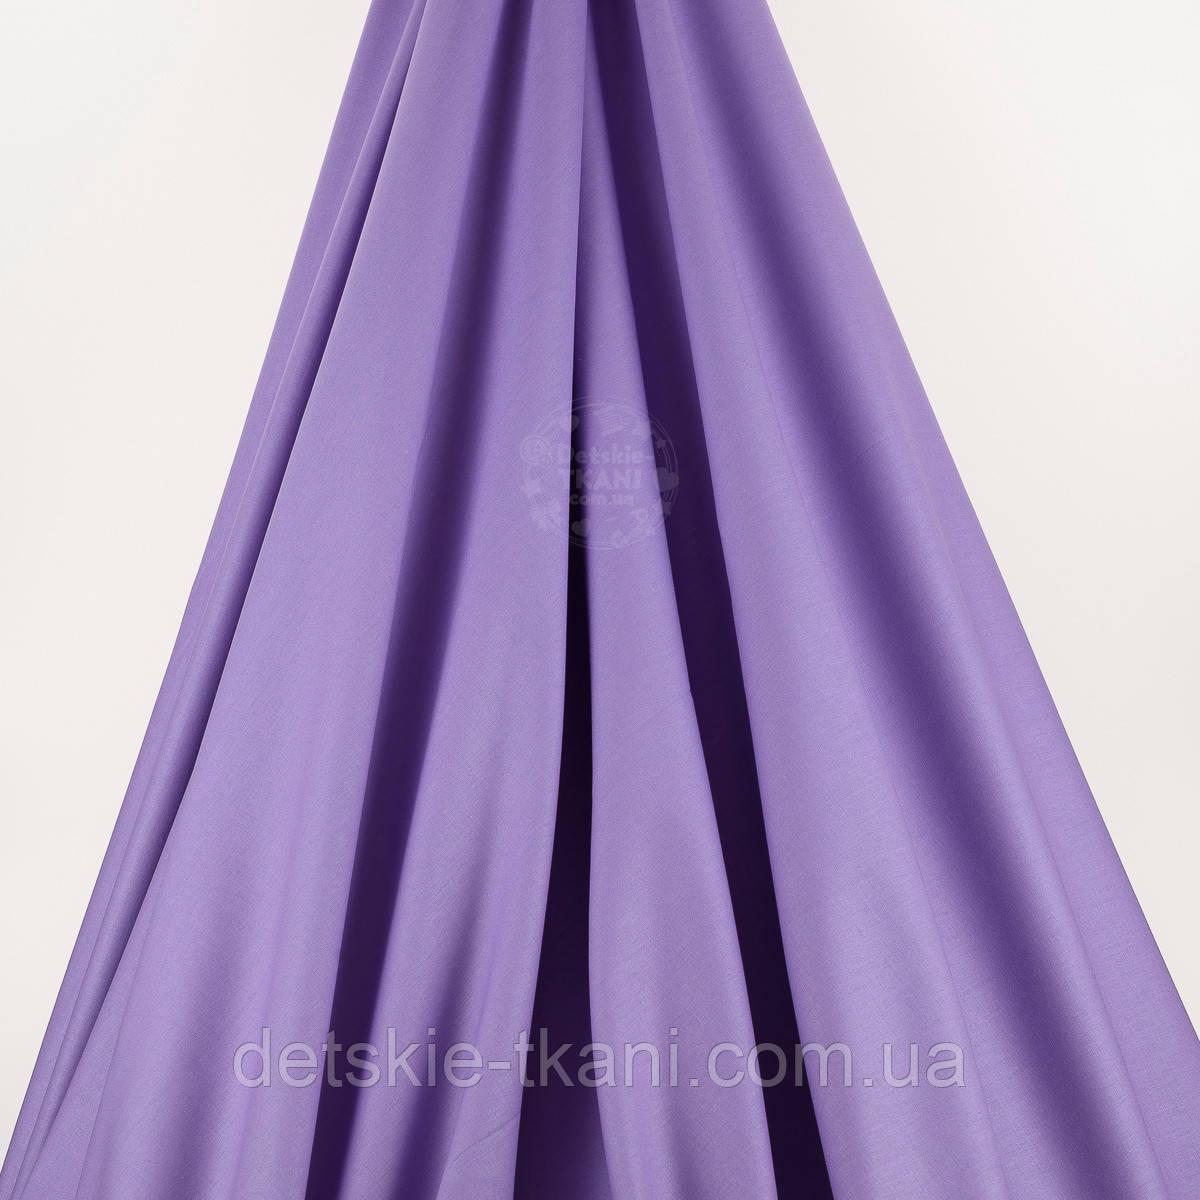 Ткань лавандовый цвет купить сколько стоит метр фланелевой ткани